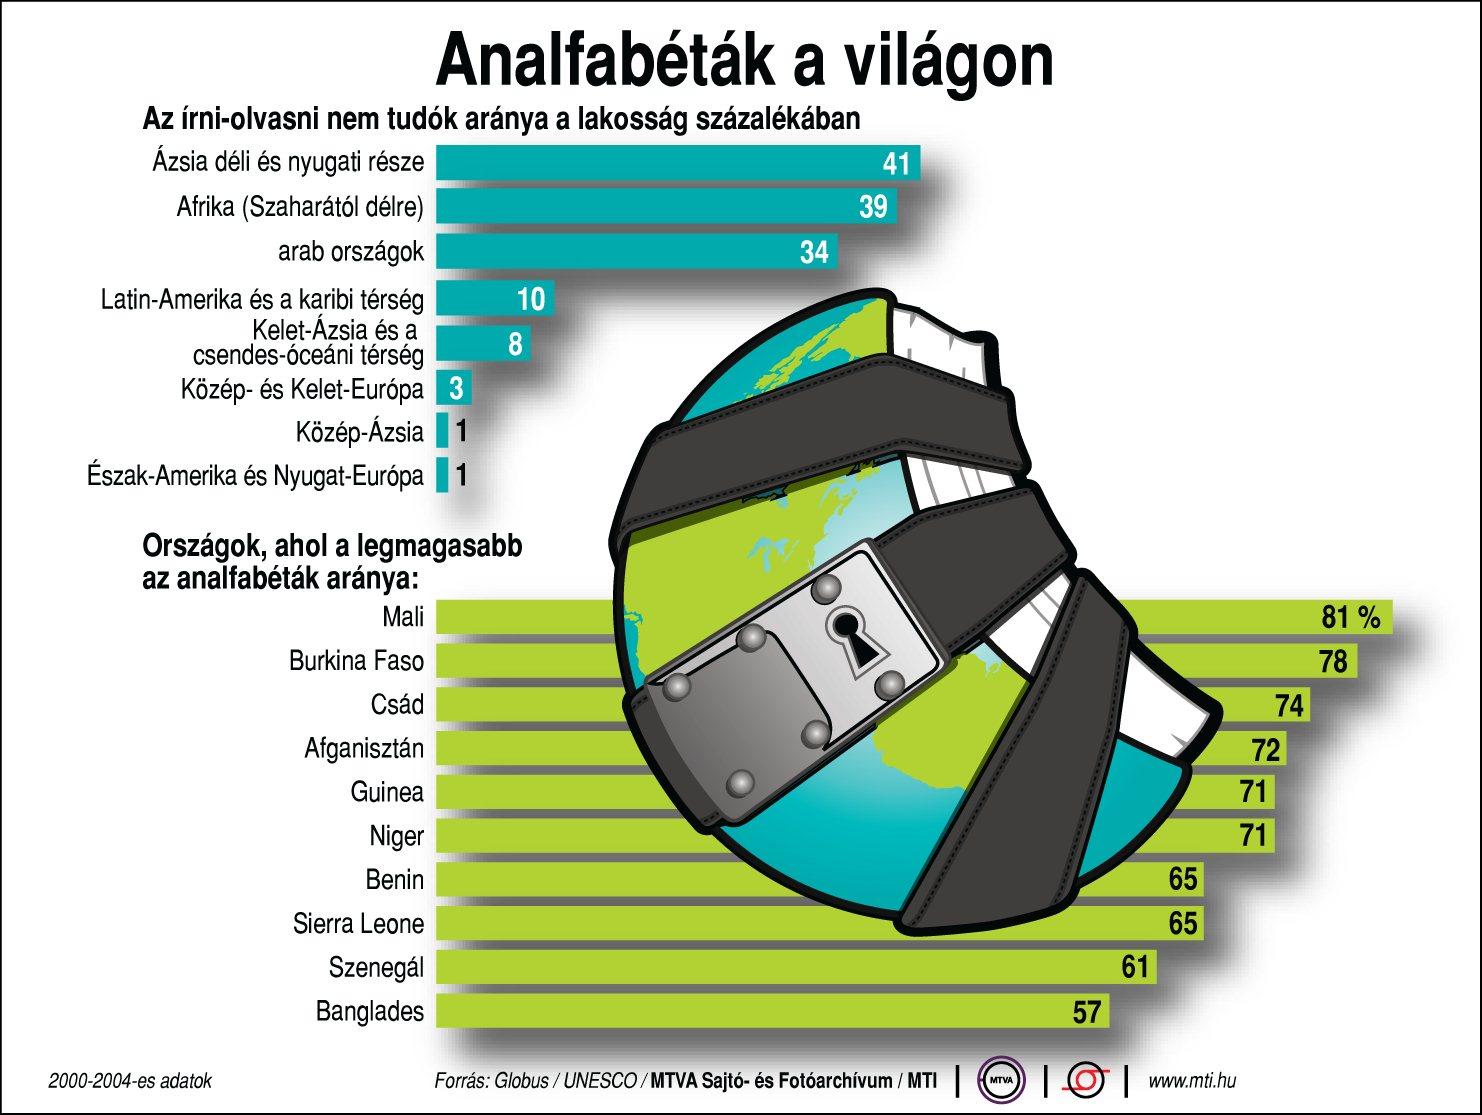 az-irni-olvasni-nem-tudok-aranya-a-lakossag-szazalekaban-2000-2004